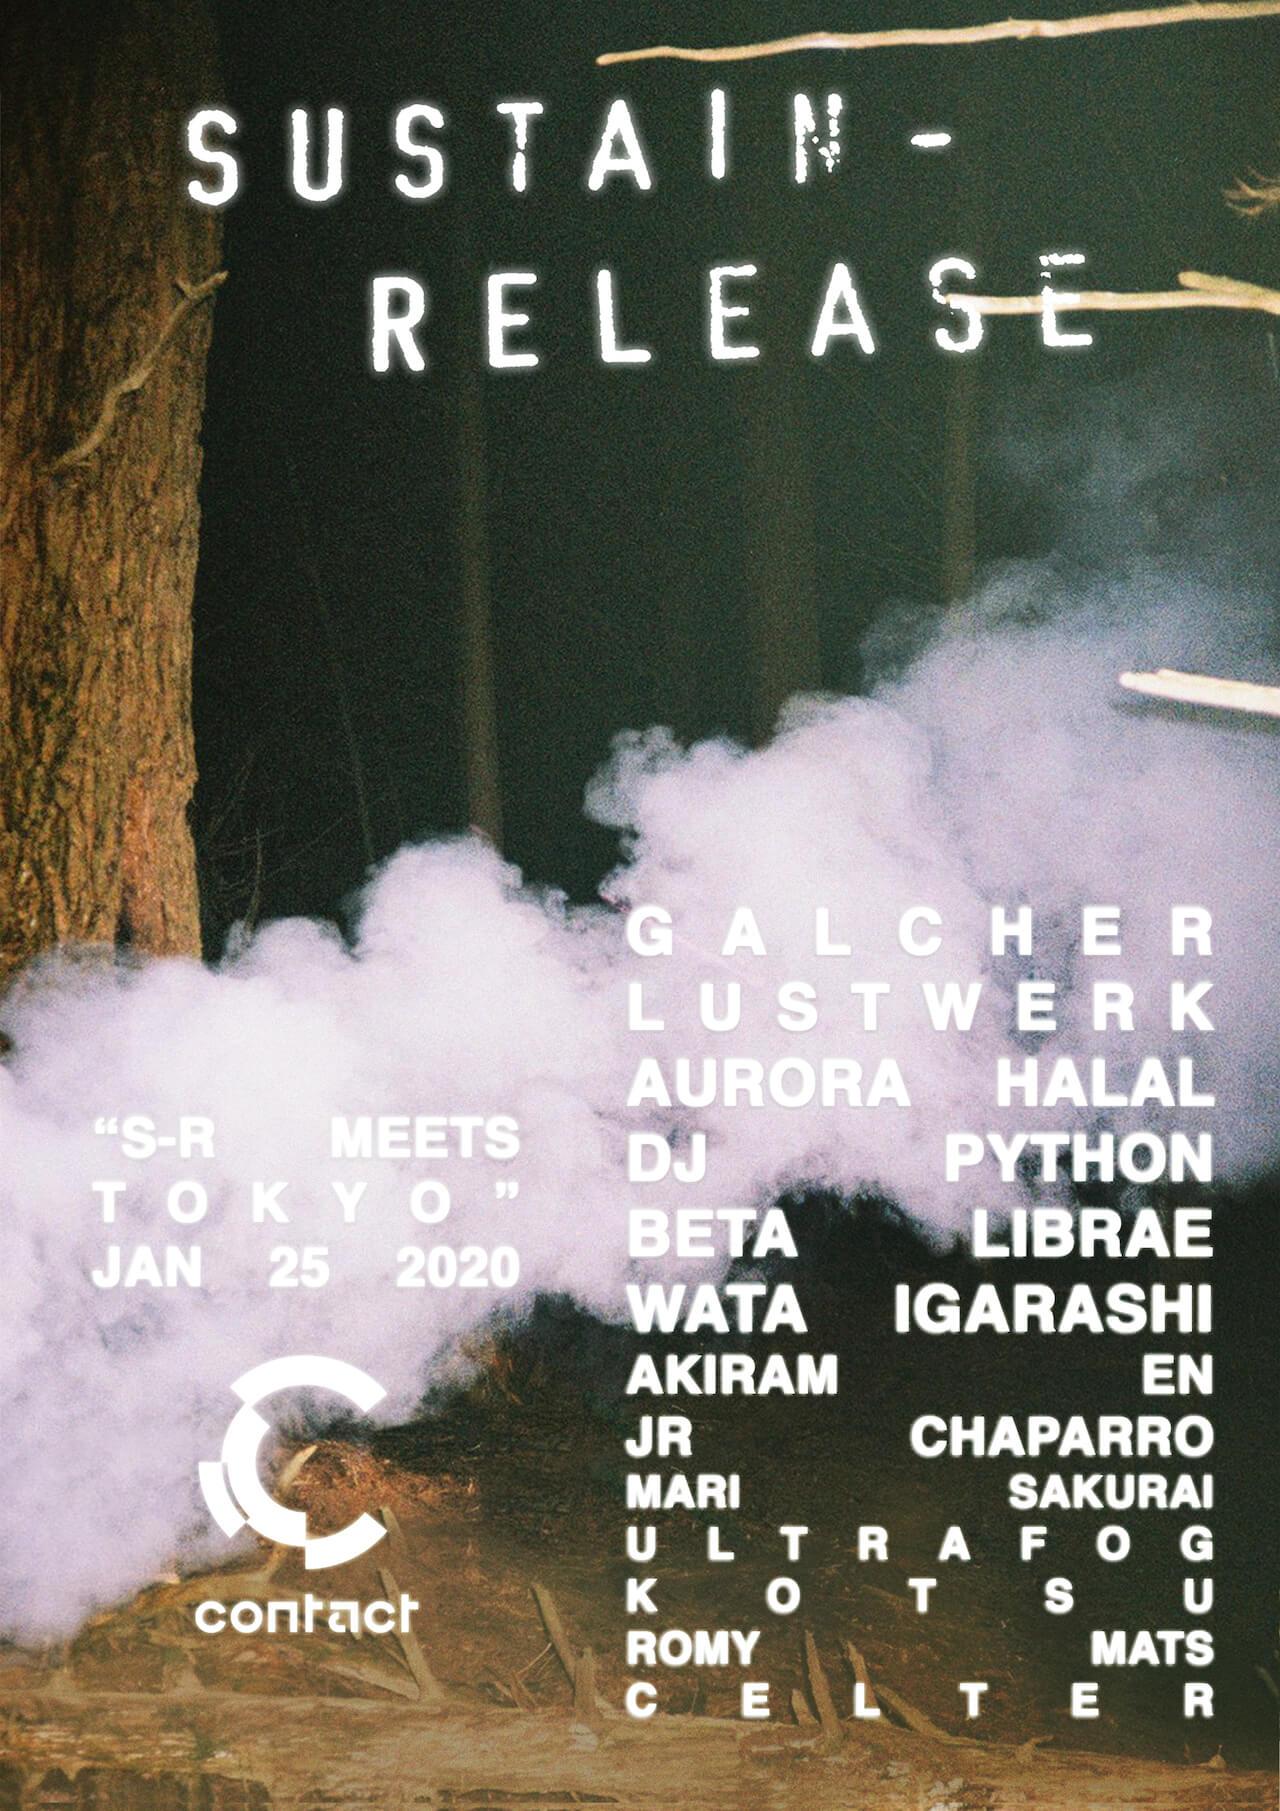 NYブルックリンの最前線レイヴパーティ<Sustain-Release>のサテライトイベントが東京で開催|Aurora Halal、Galcher Lustwerk、DJ Pythonらが登場 music191224-sustain-release